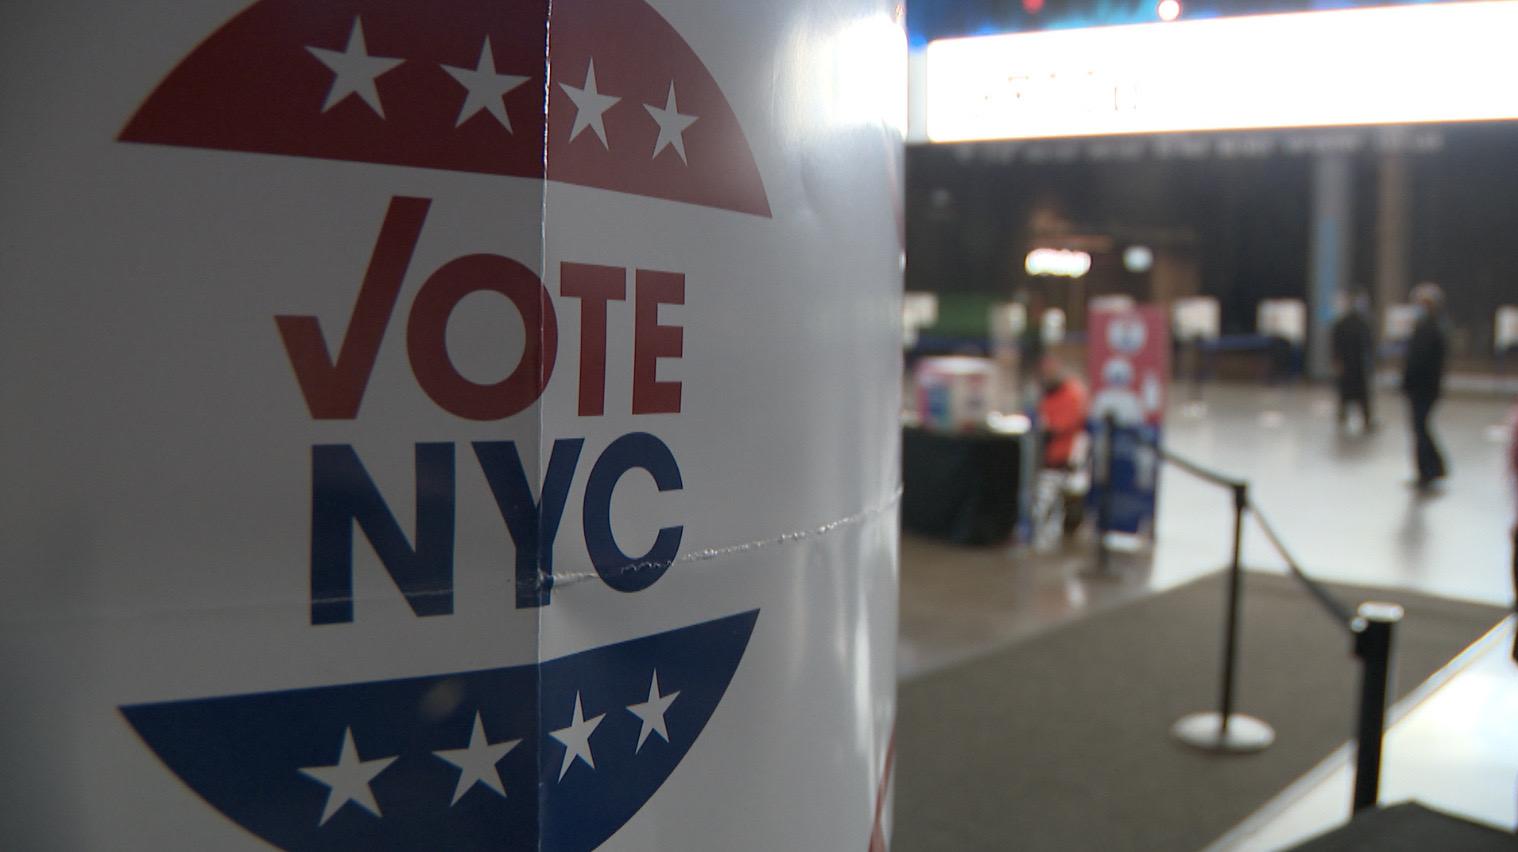 VoteNYC